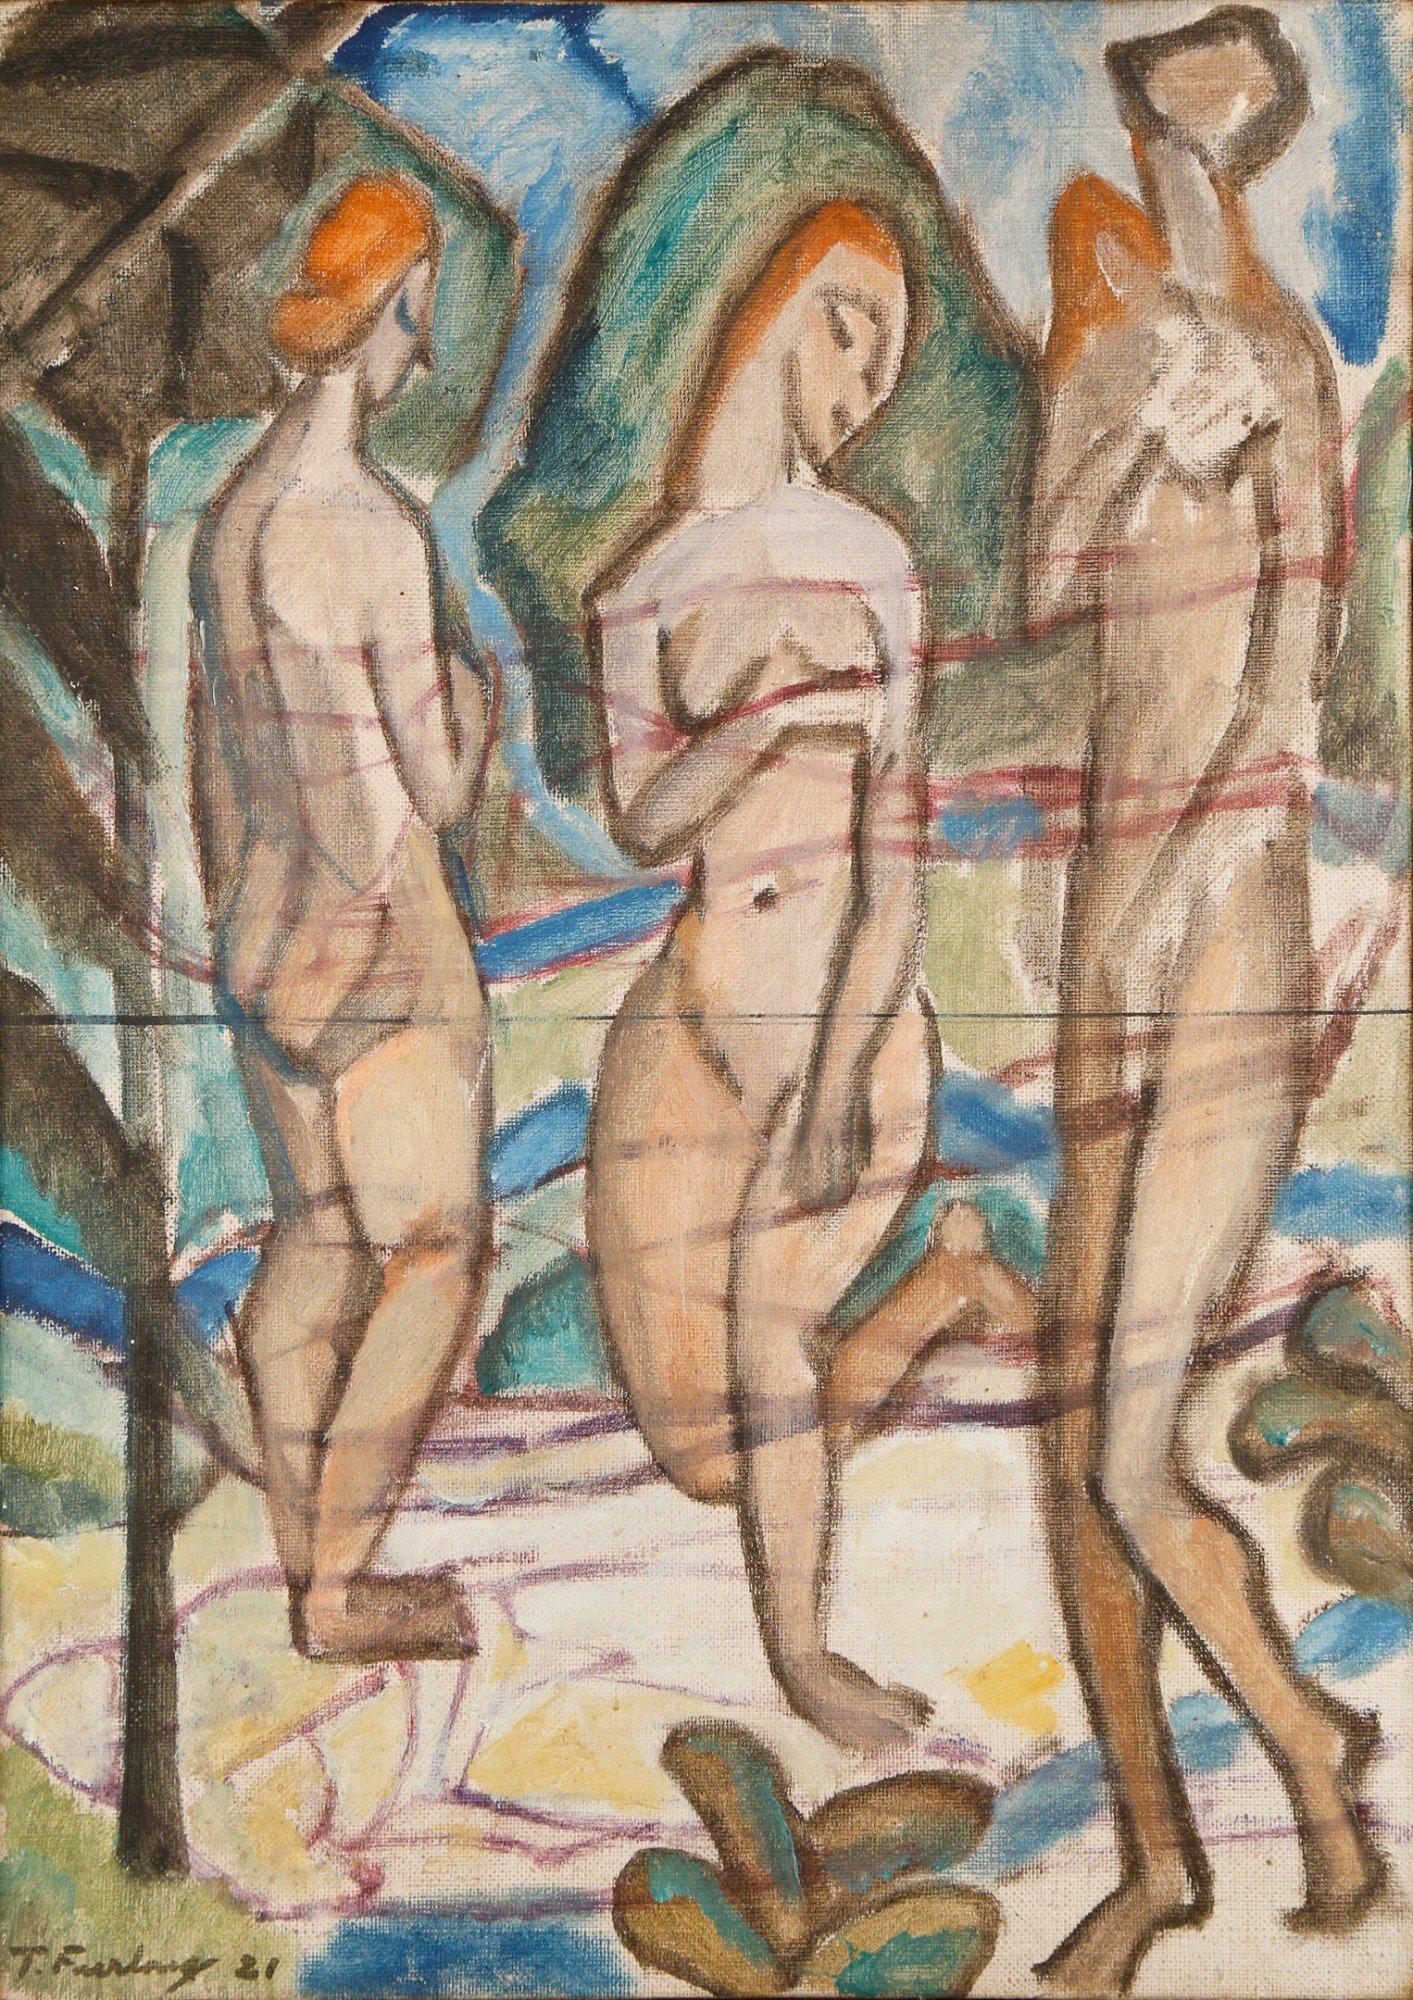 ru little nudist girls Chorvatsko naked deti) Minerva ohio nude